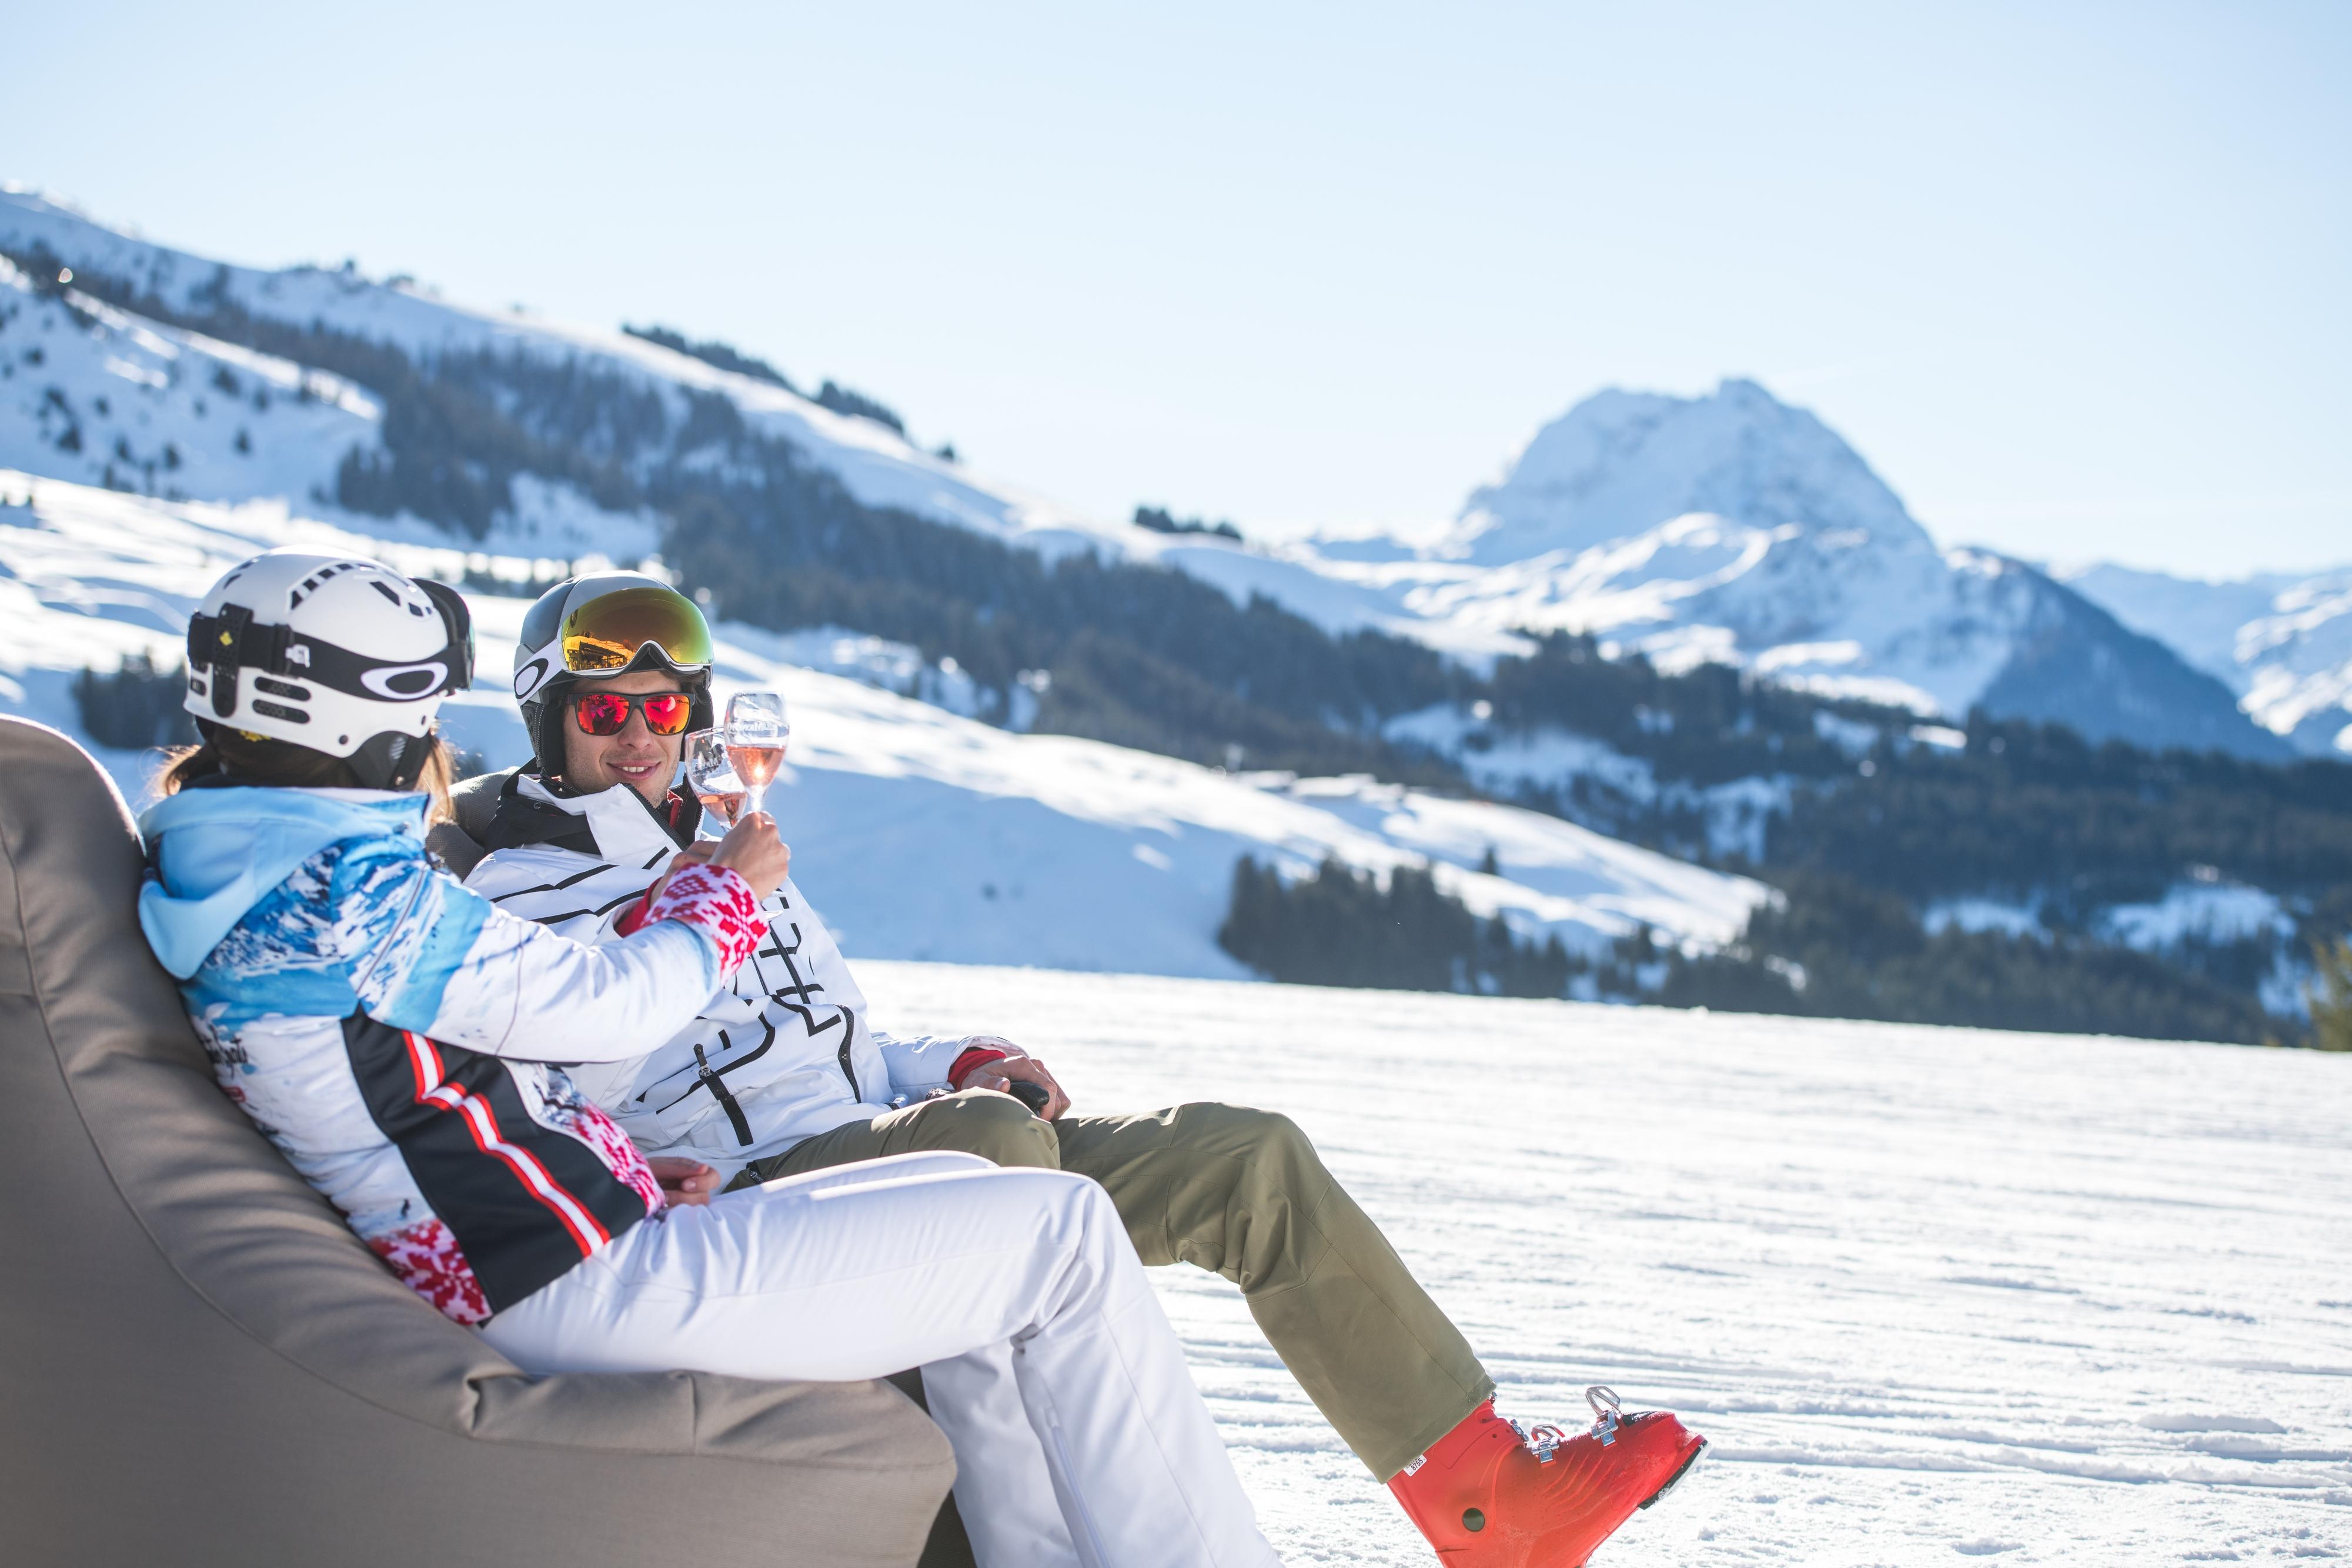 Paar Rose Wein anstoßen nach Skifahren Winter